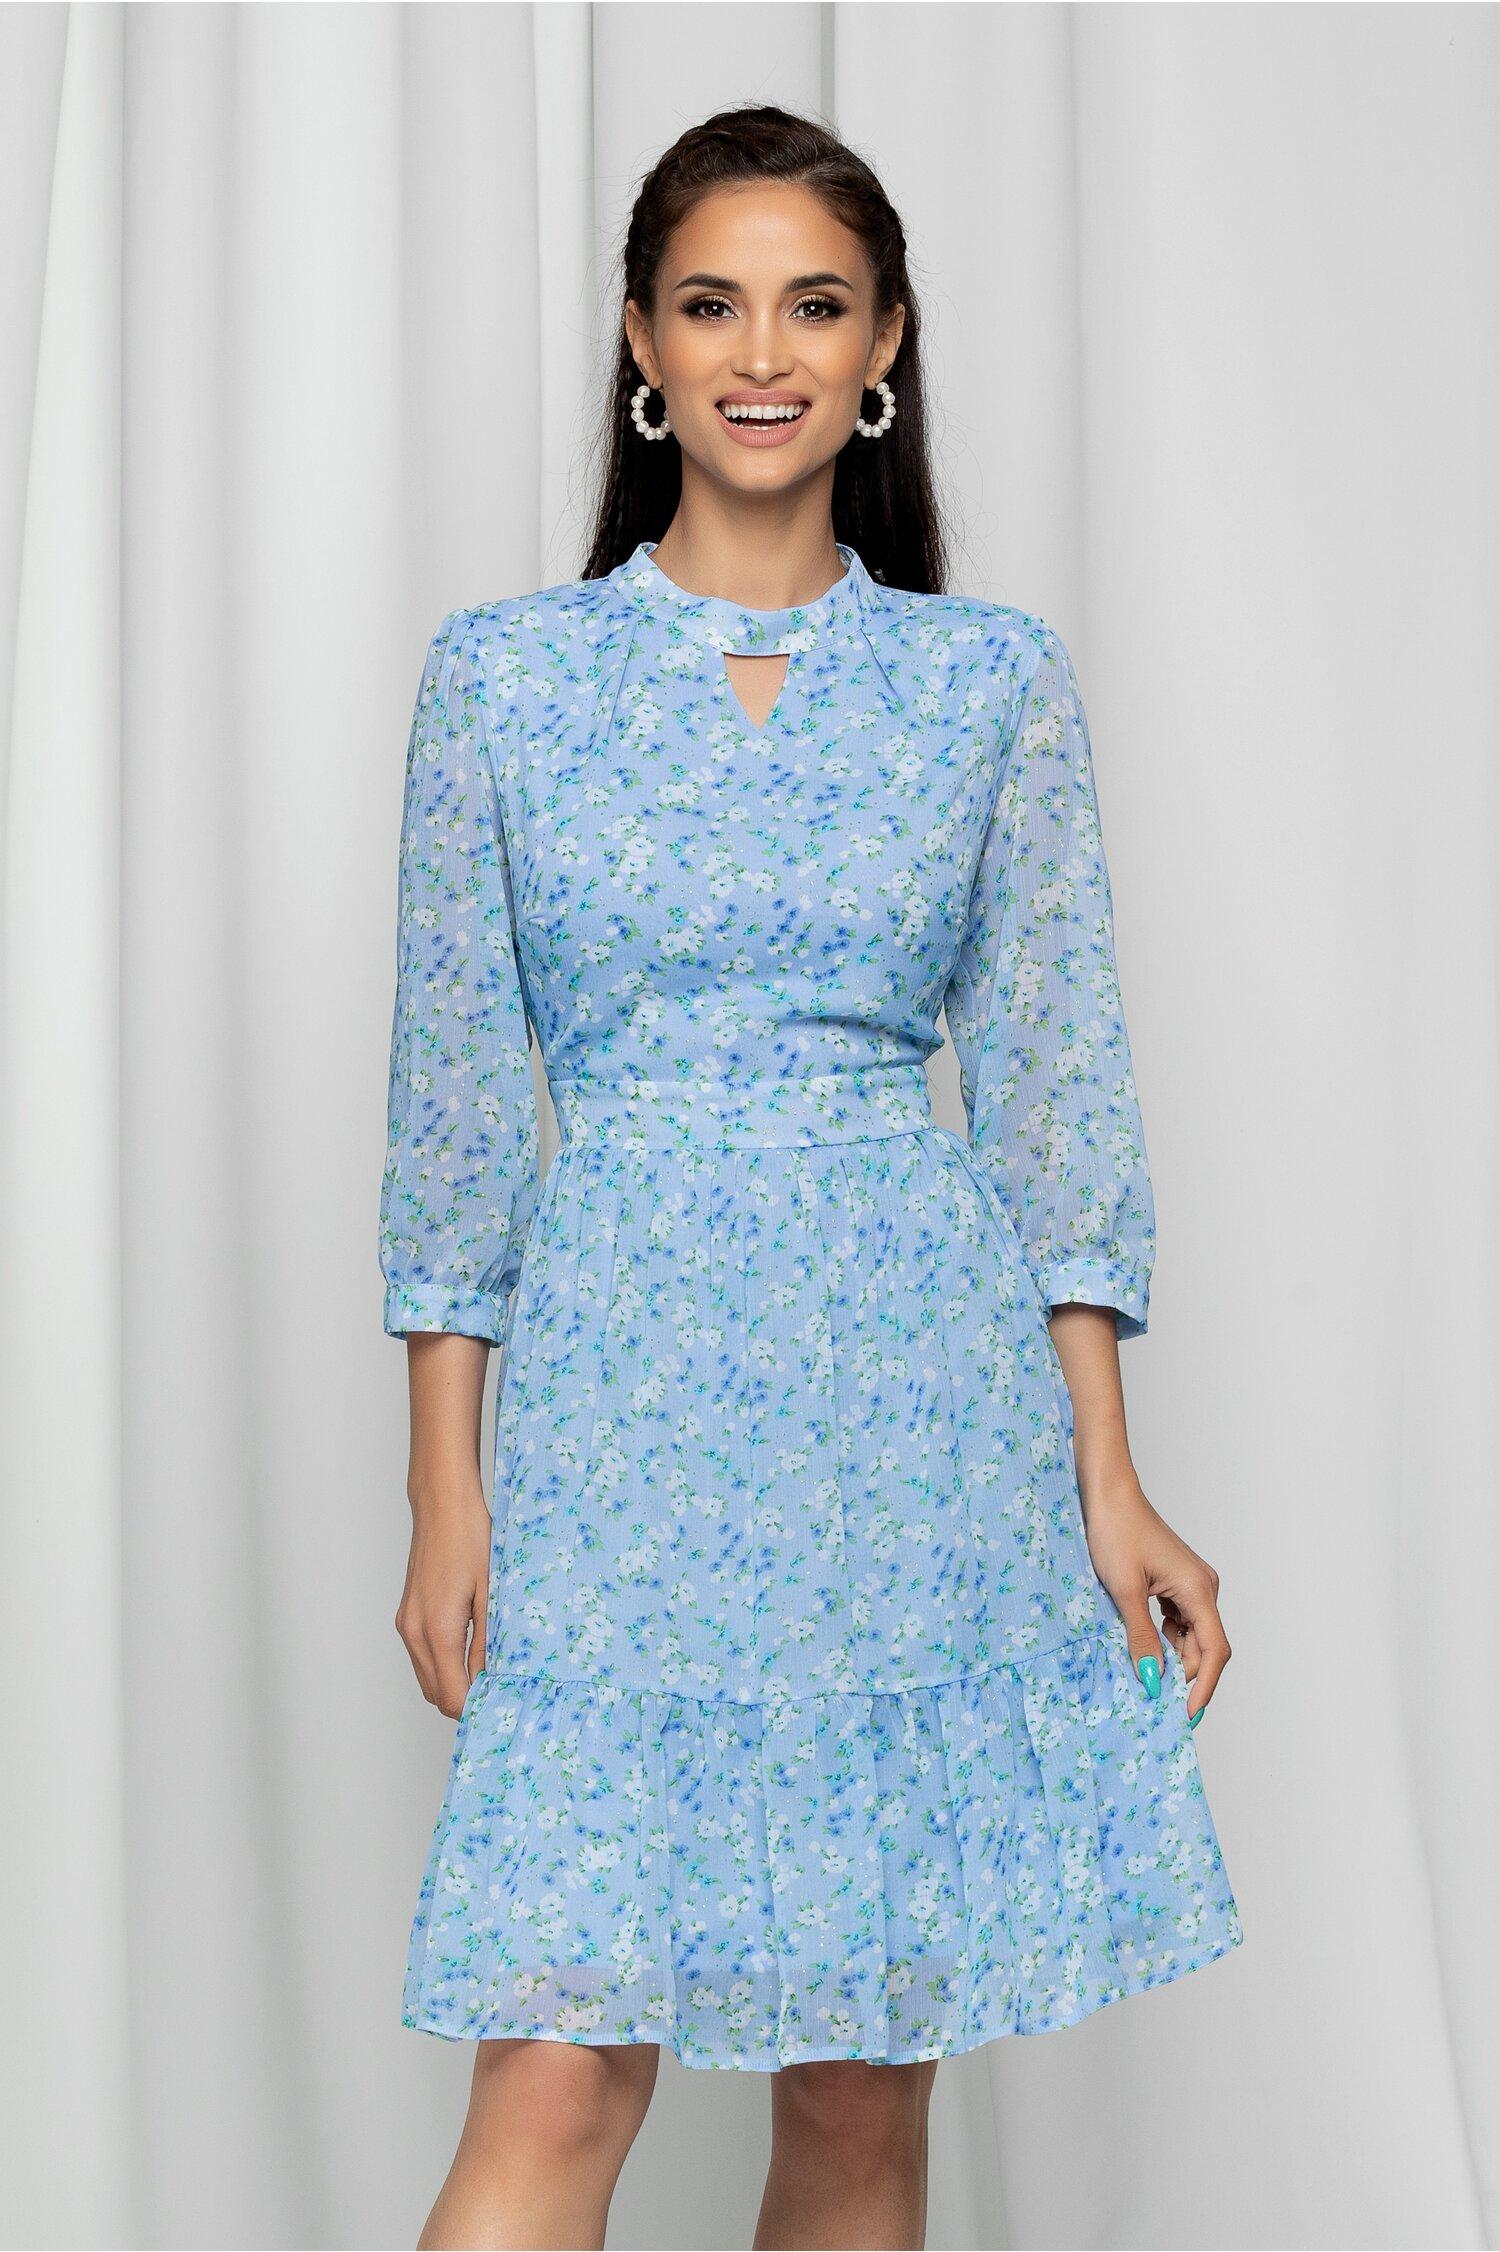 Rochie Idrya bleu cu imprimeu floral si volanas la baza